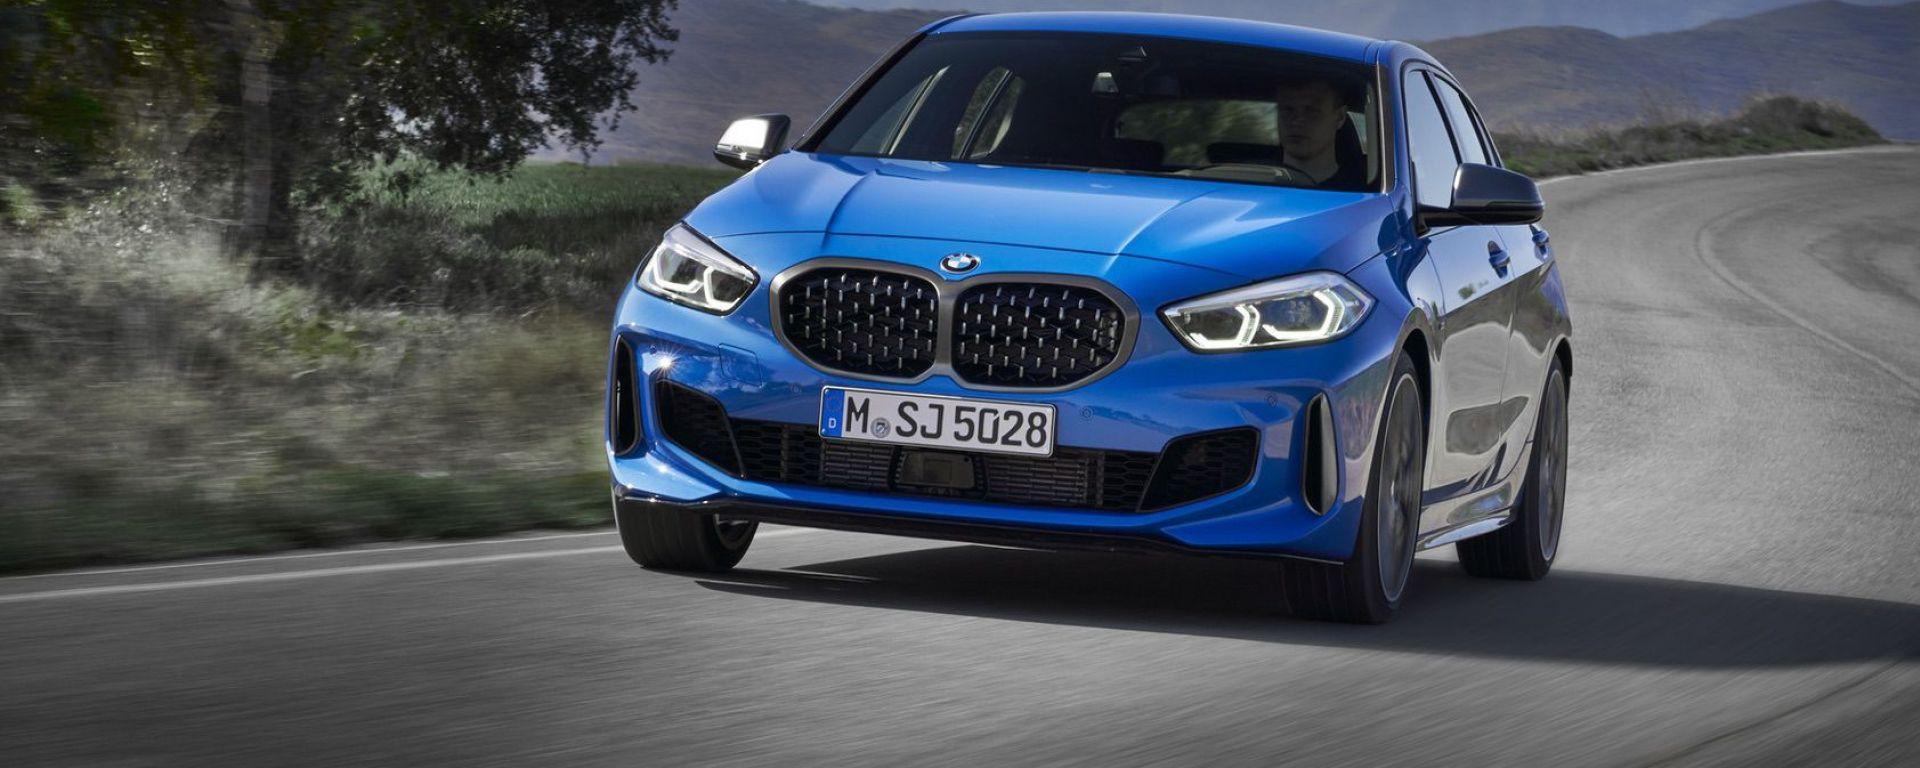 BMW M135i, la aspetta una sorella più potente?